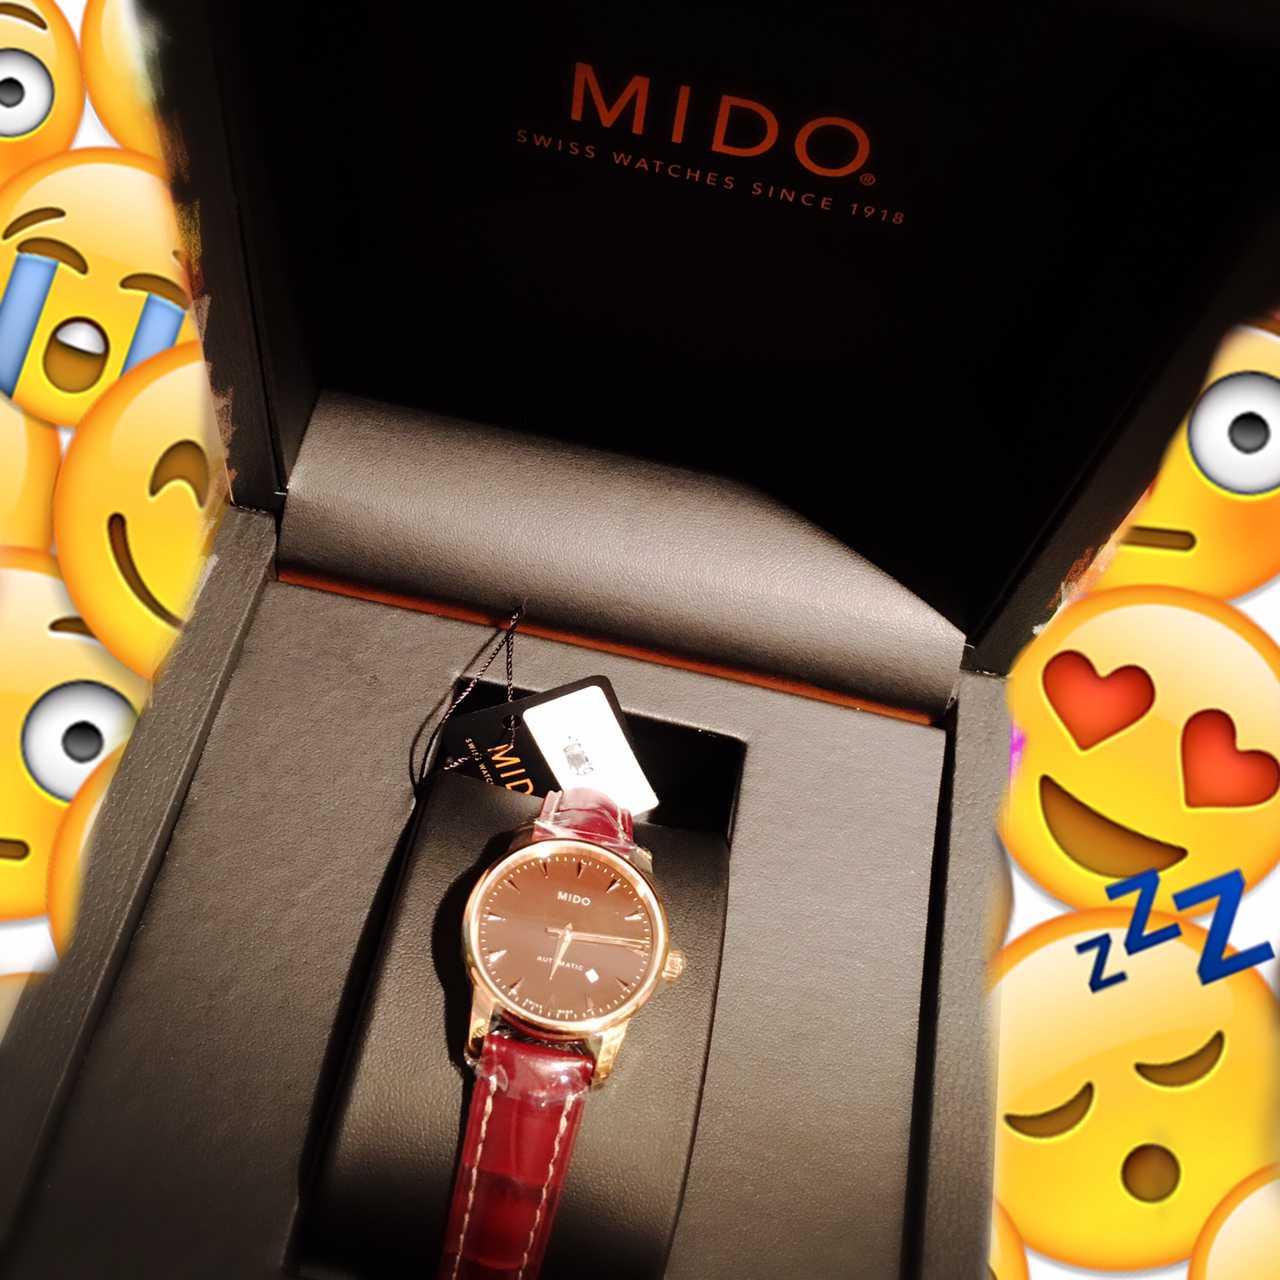 美度M7600.3.17.8手表【表友晒单作业】如愿以偿。...